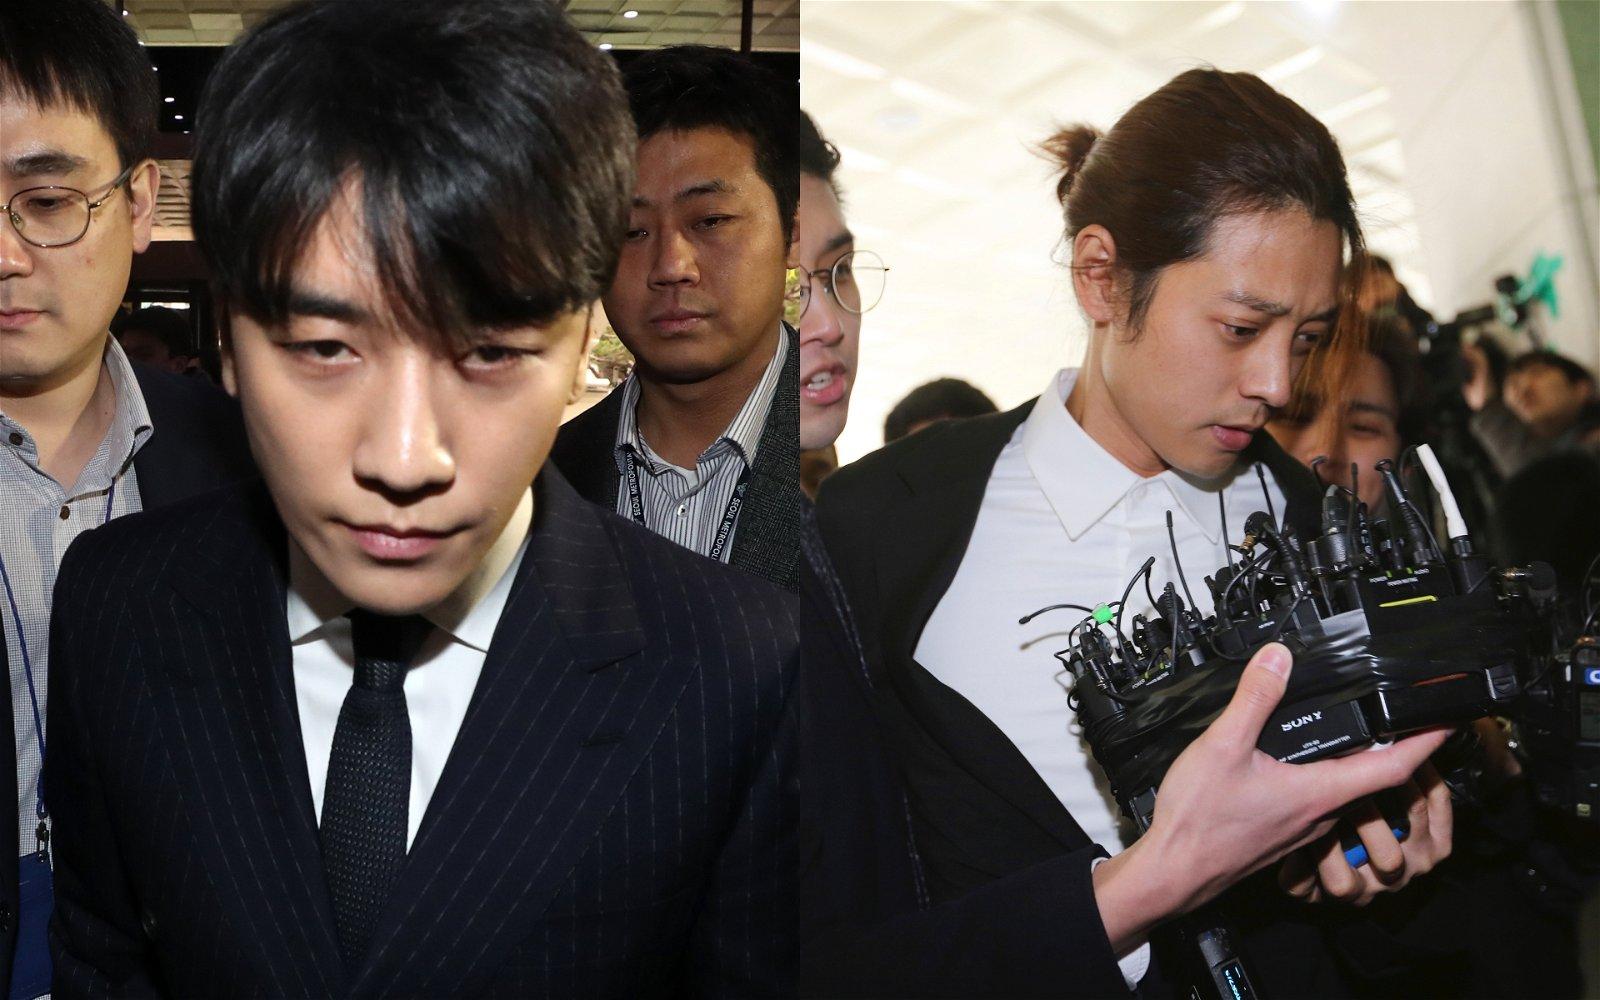 胜利性招待及郑俊英淫片事件,已经演变成韩国娱乐圈大丑闻。